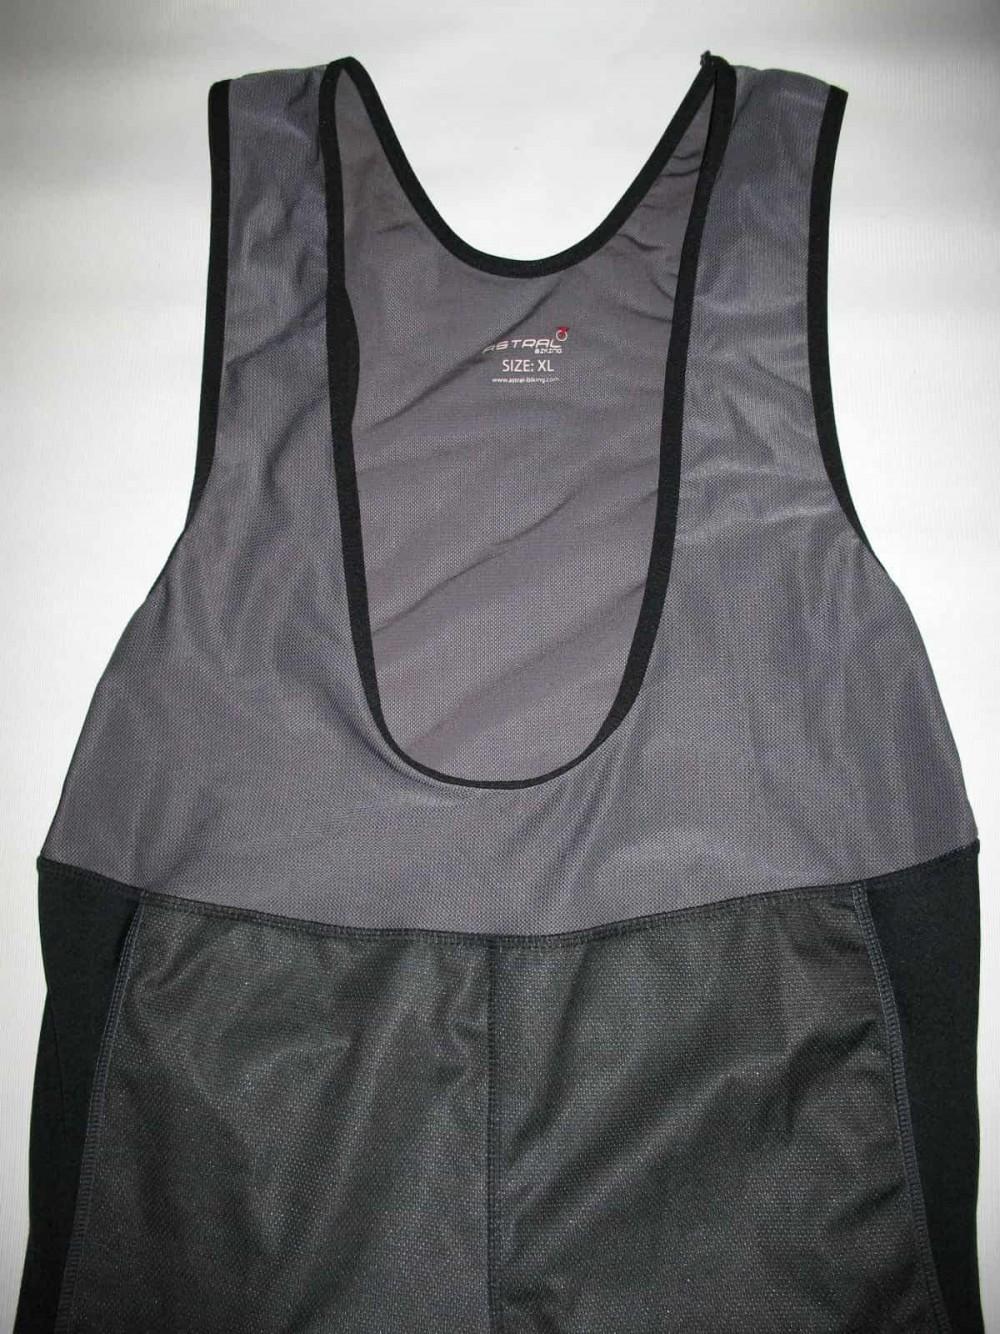 Велобрюки ASTRAL biking bib tight long pants (размер XL/XXL) - 4